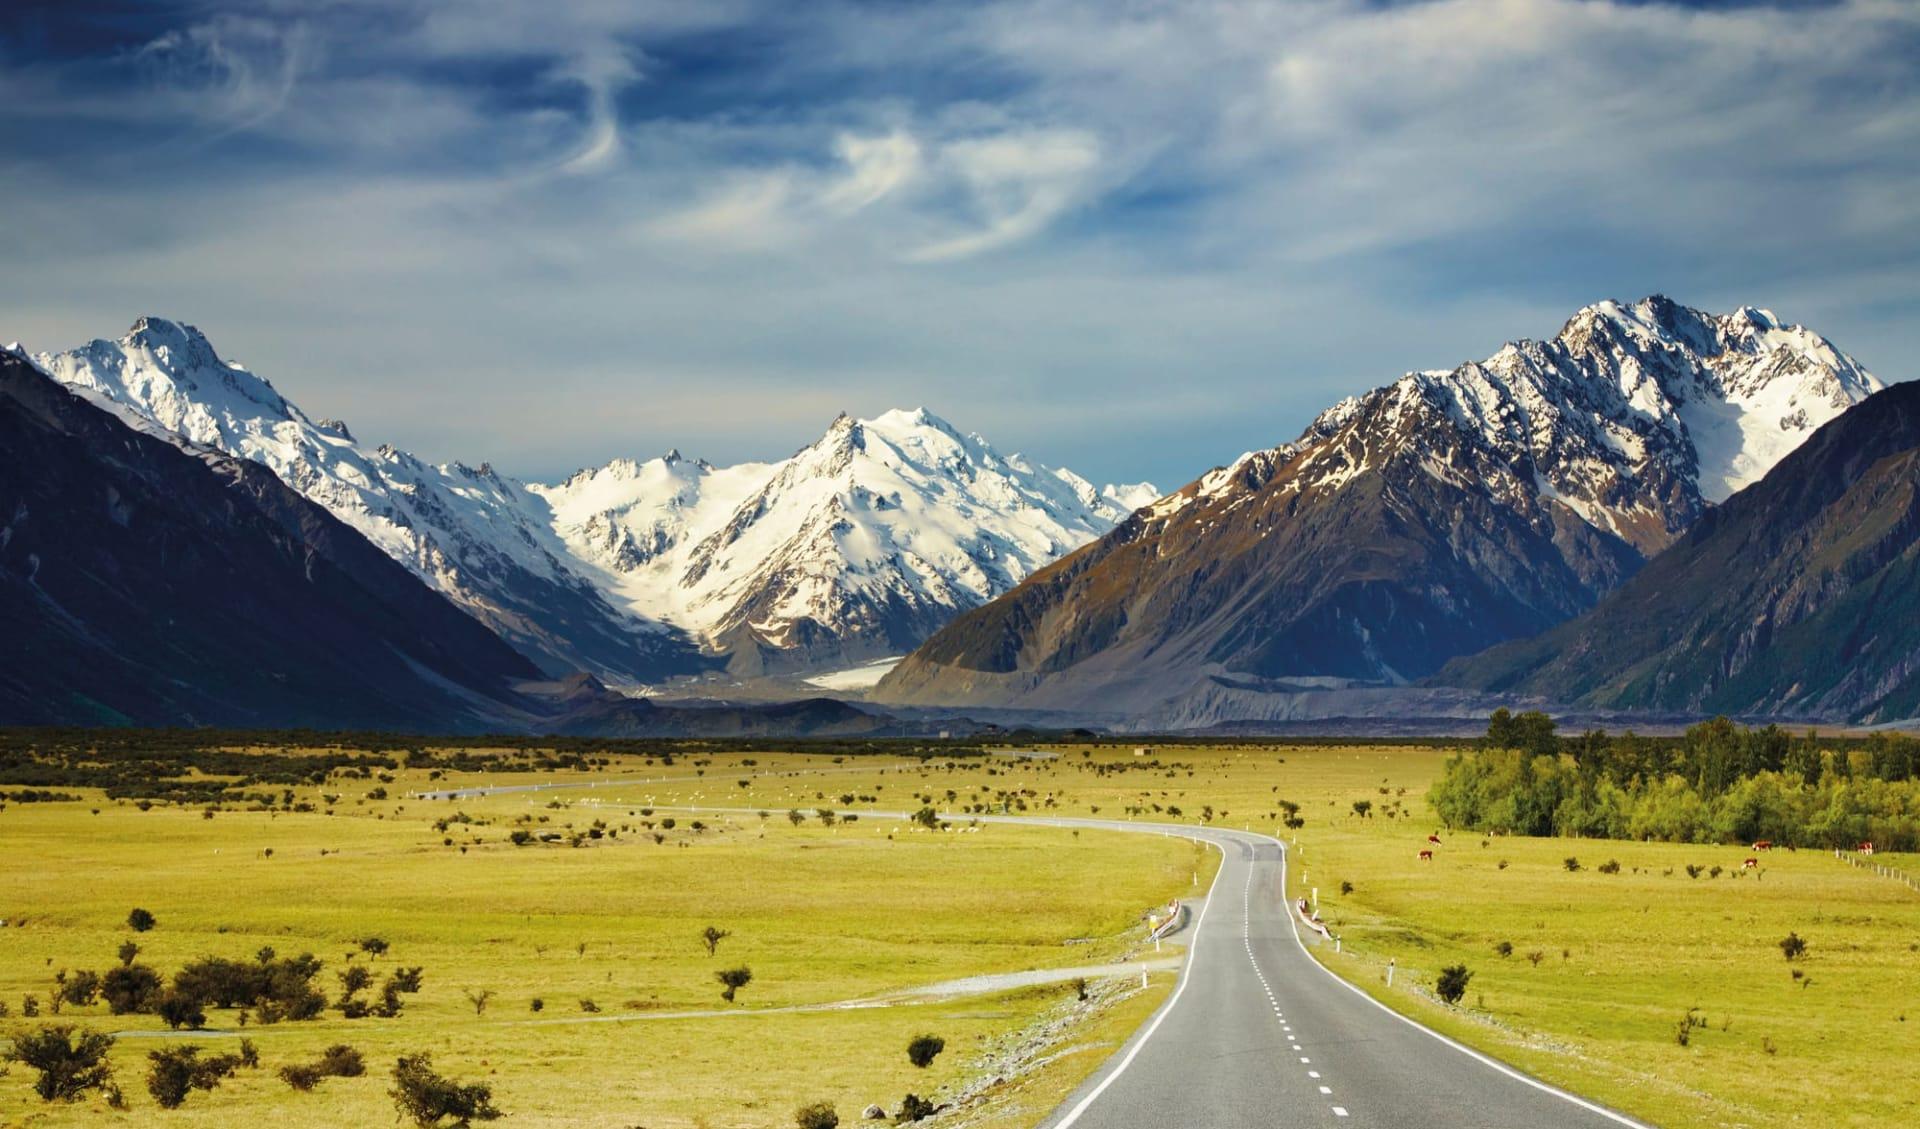 Faszination Südinsel ab Christchurch: Neuseeland - Südinsel - die südlichen Alpen